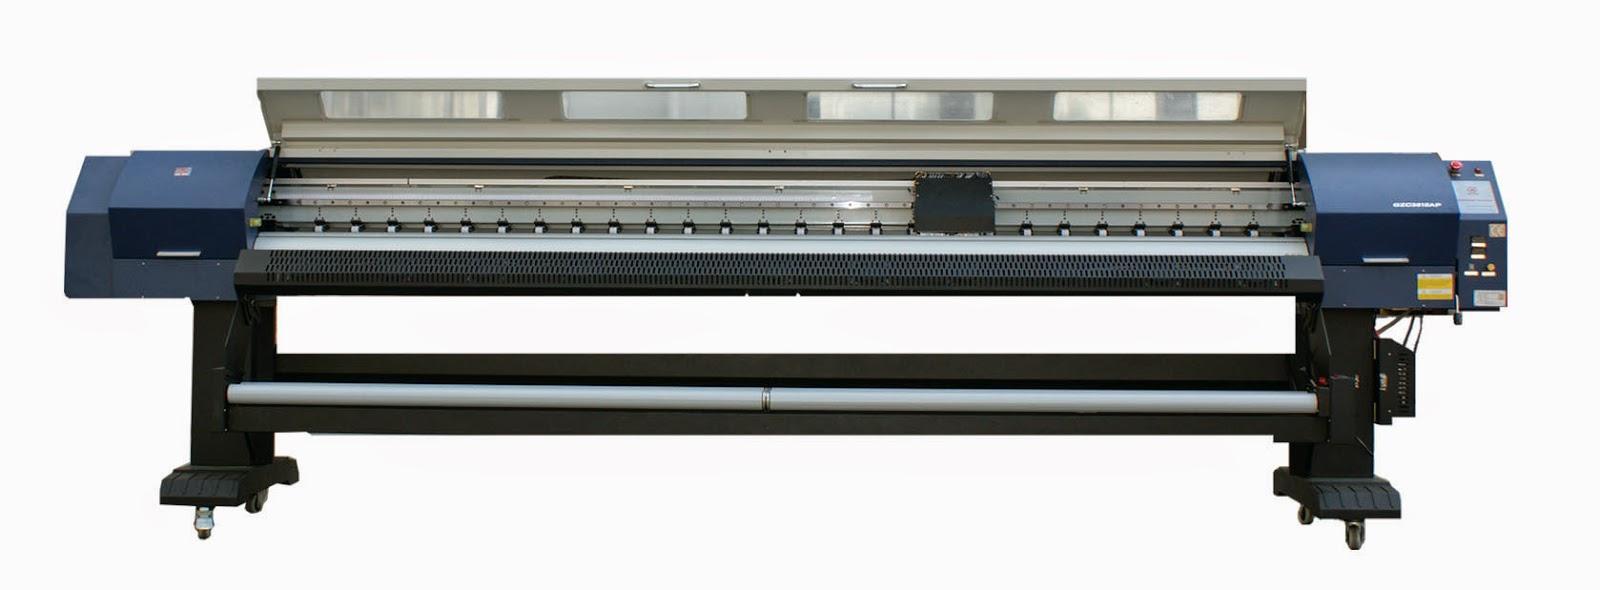 Harga Terbaru Mesin Digital Printing 2014